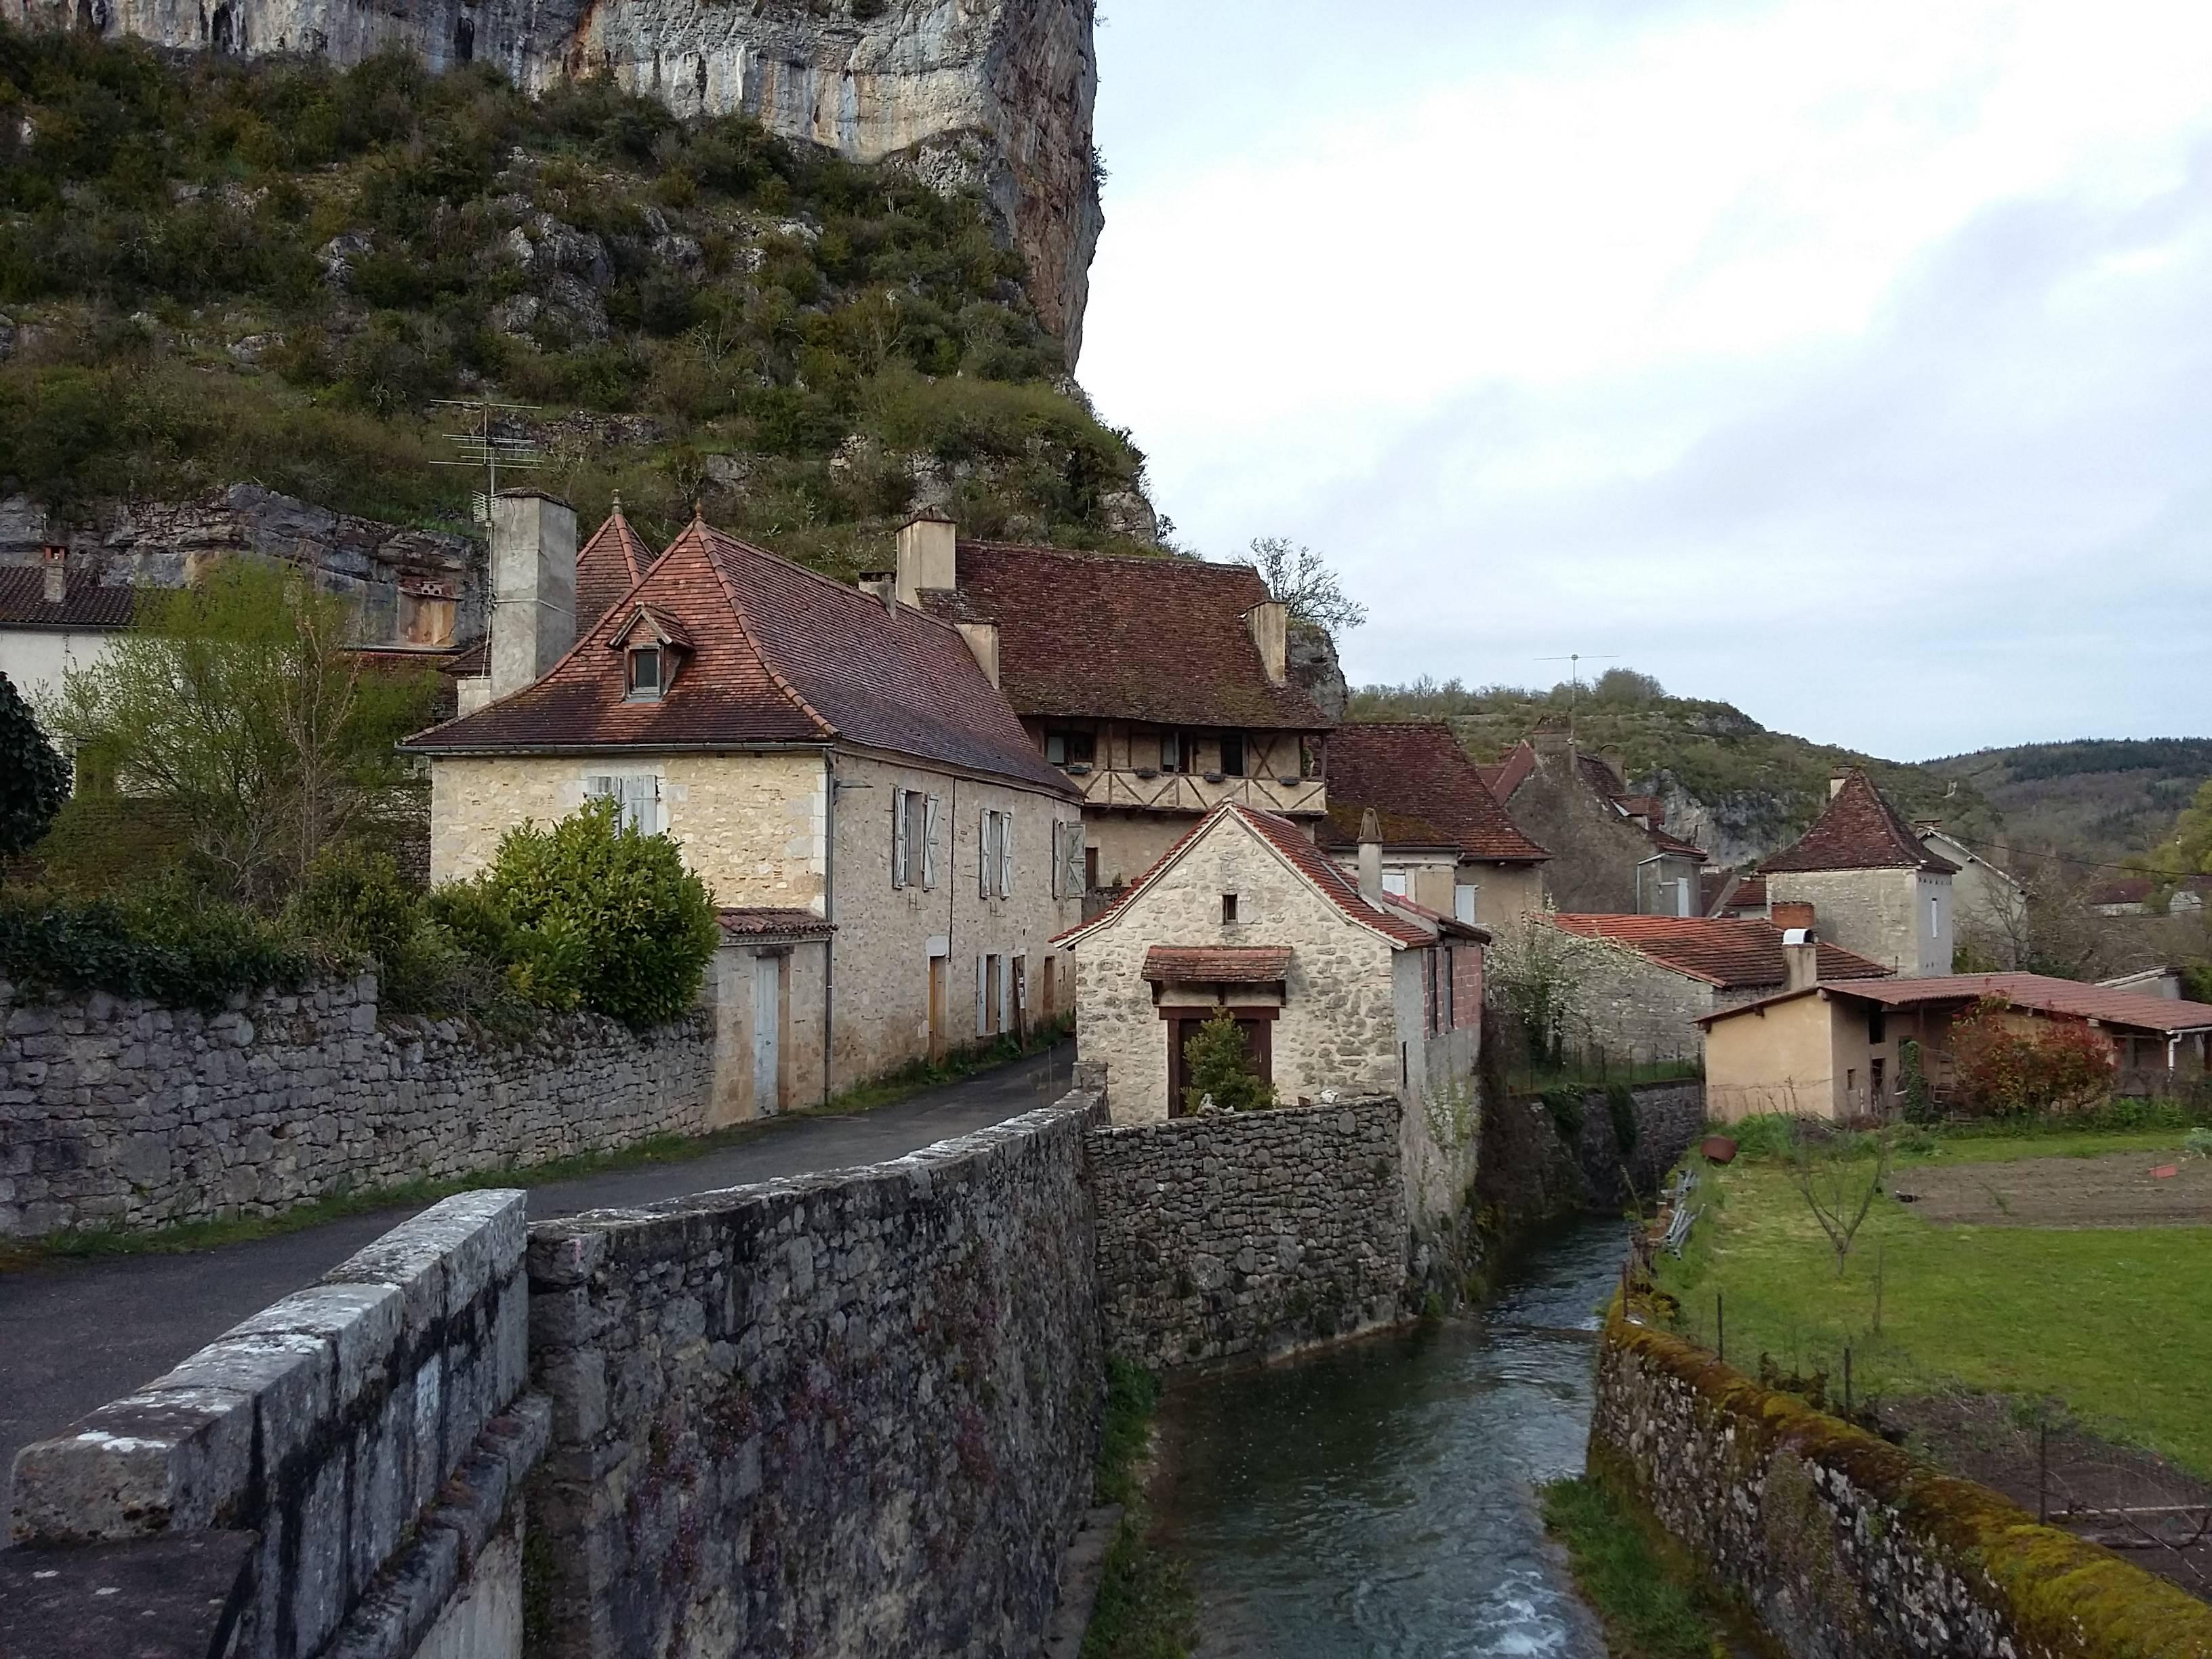 Photo 1: Cabrerets, le petit village de la grotte de pech merle